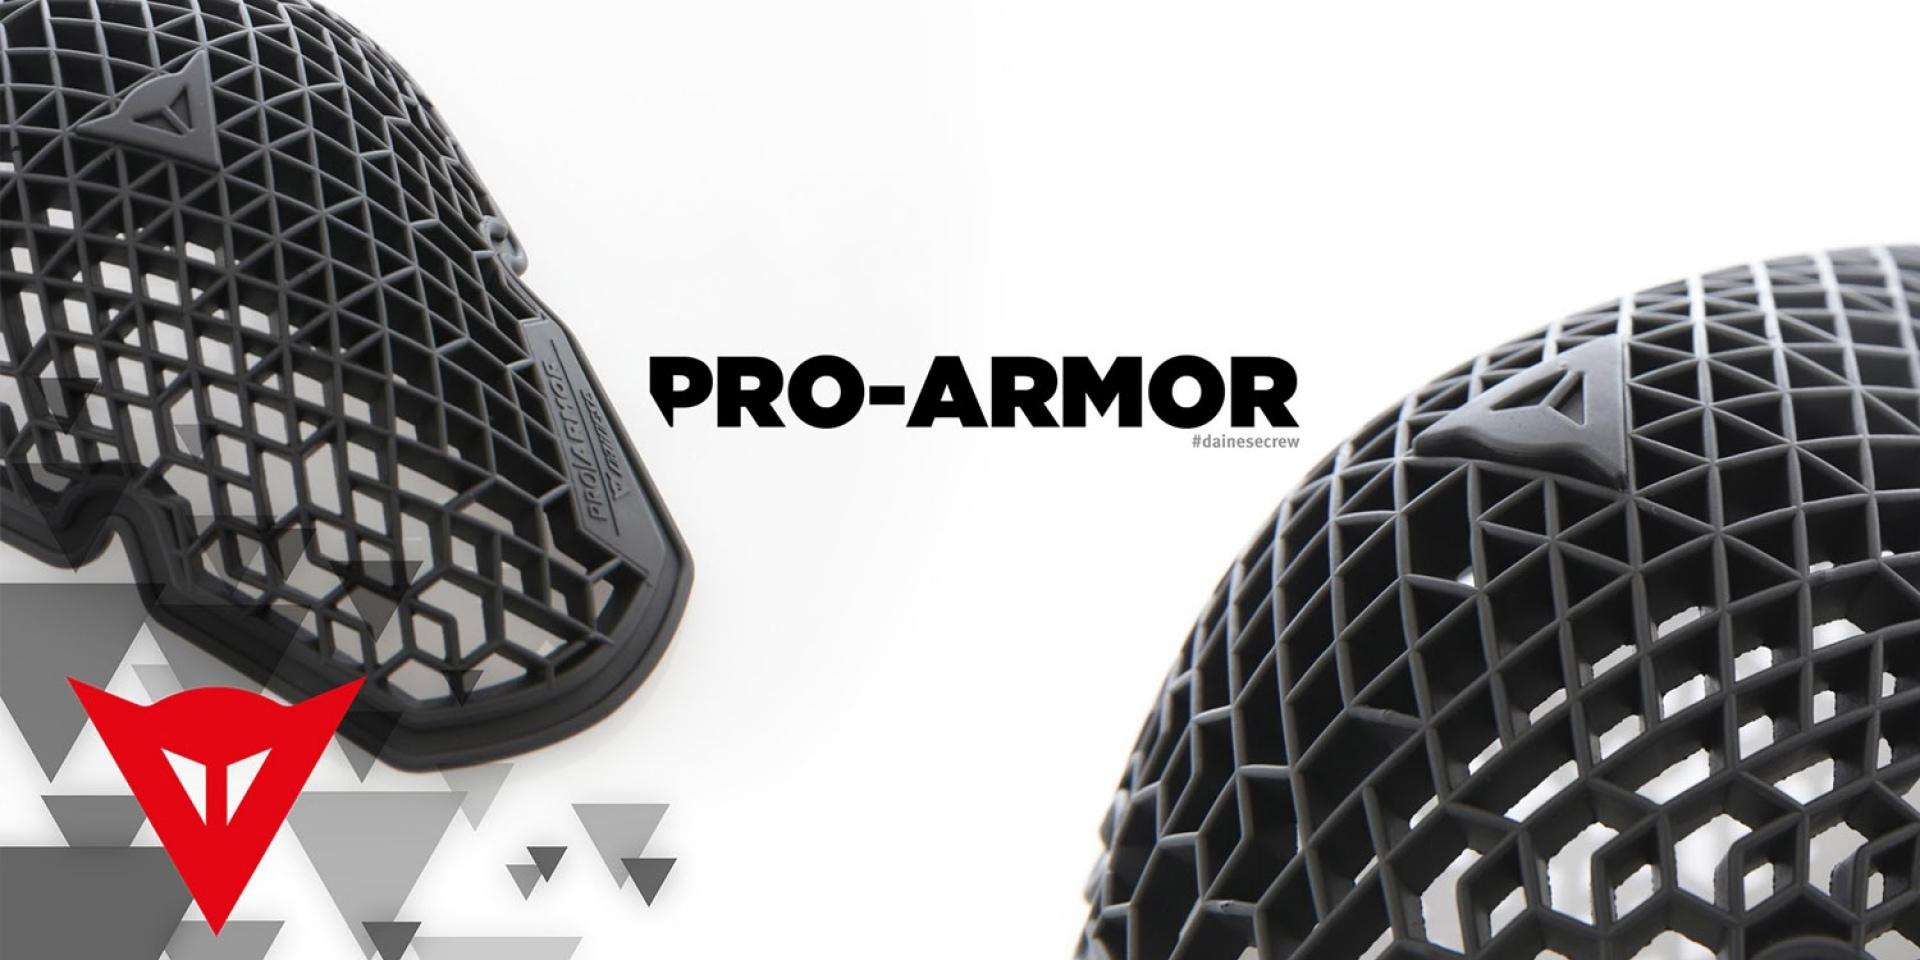 DAINESE Pro Armor護具。以自然為師極輕極涼